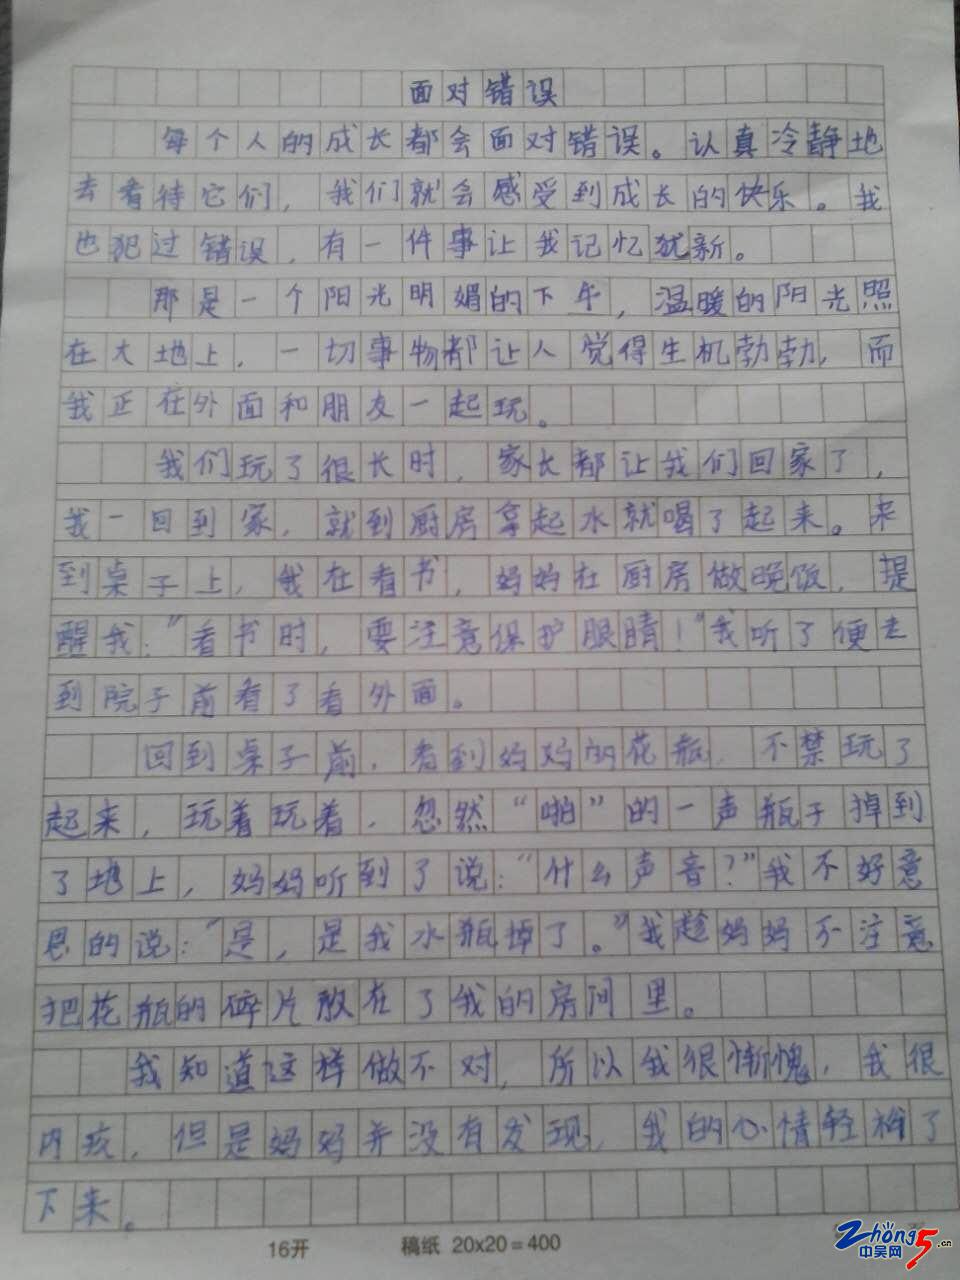 1作文老师联系QQ1928668148.jpg